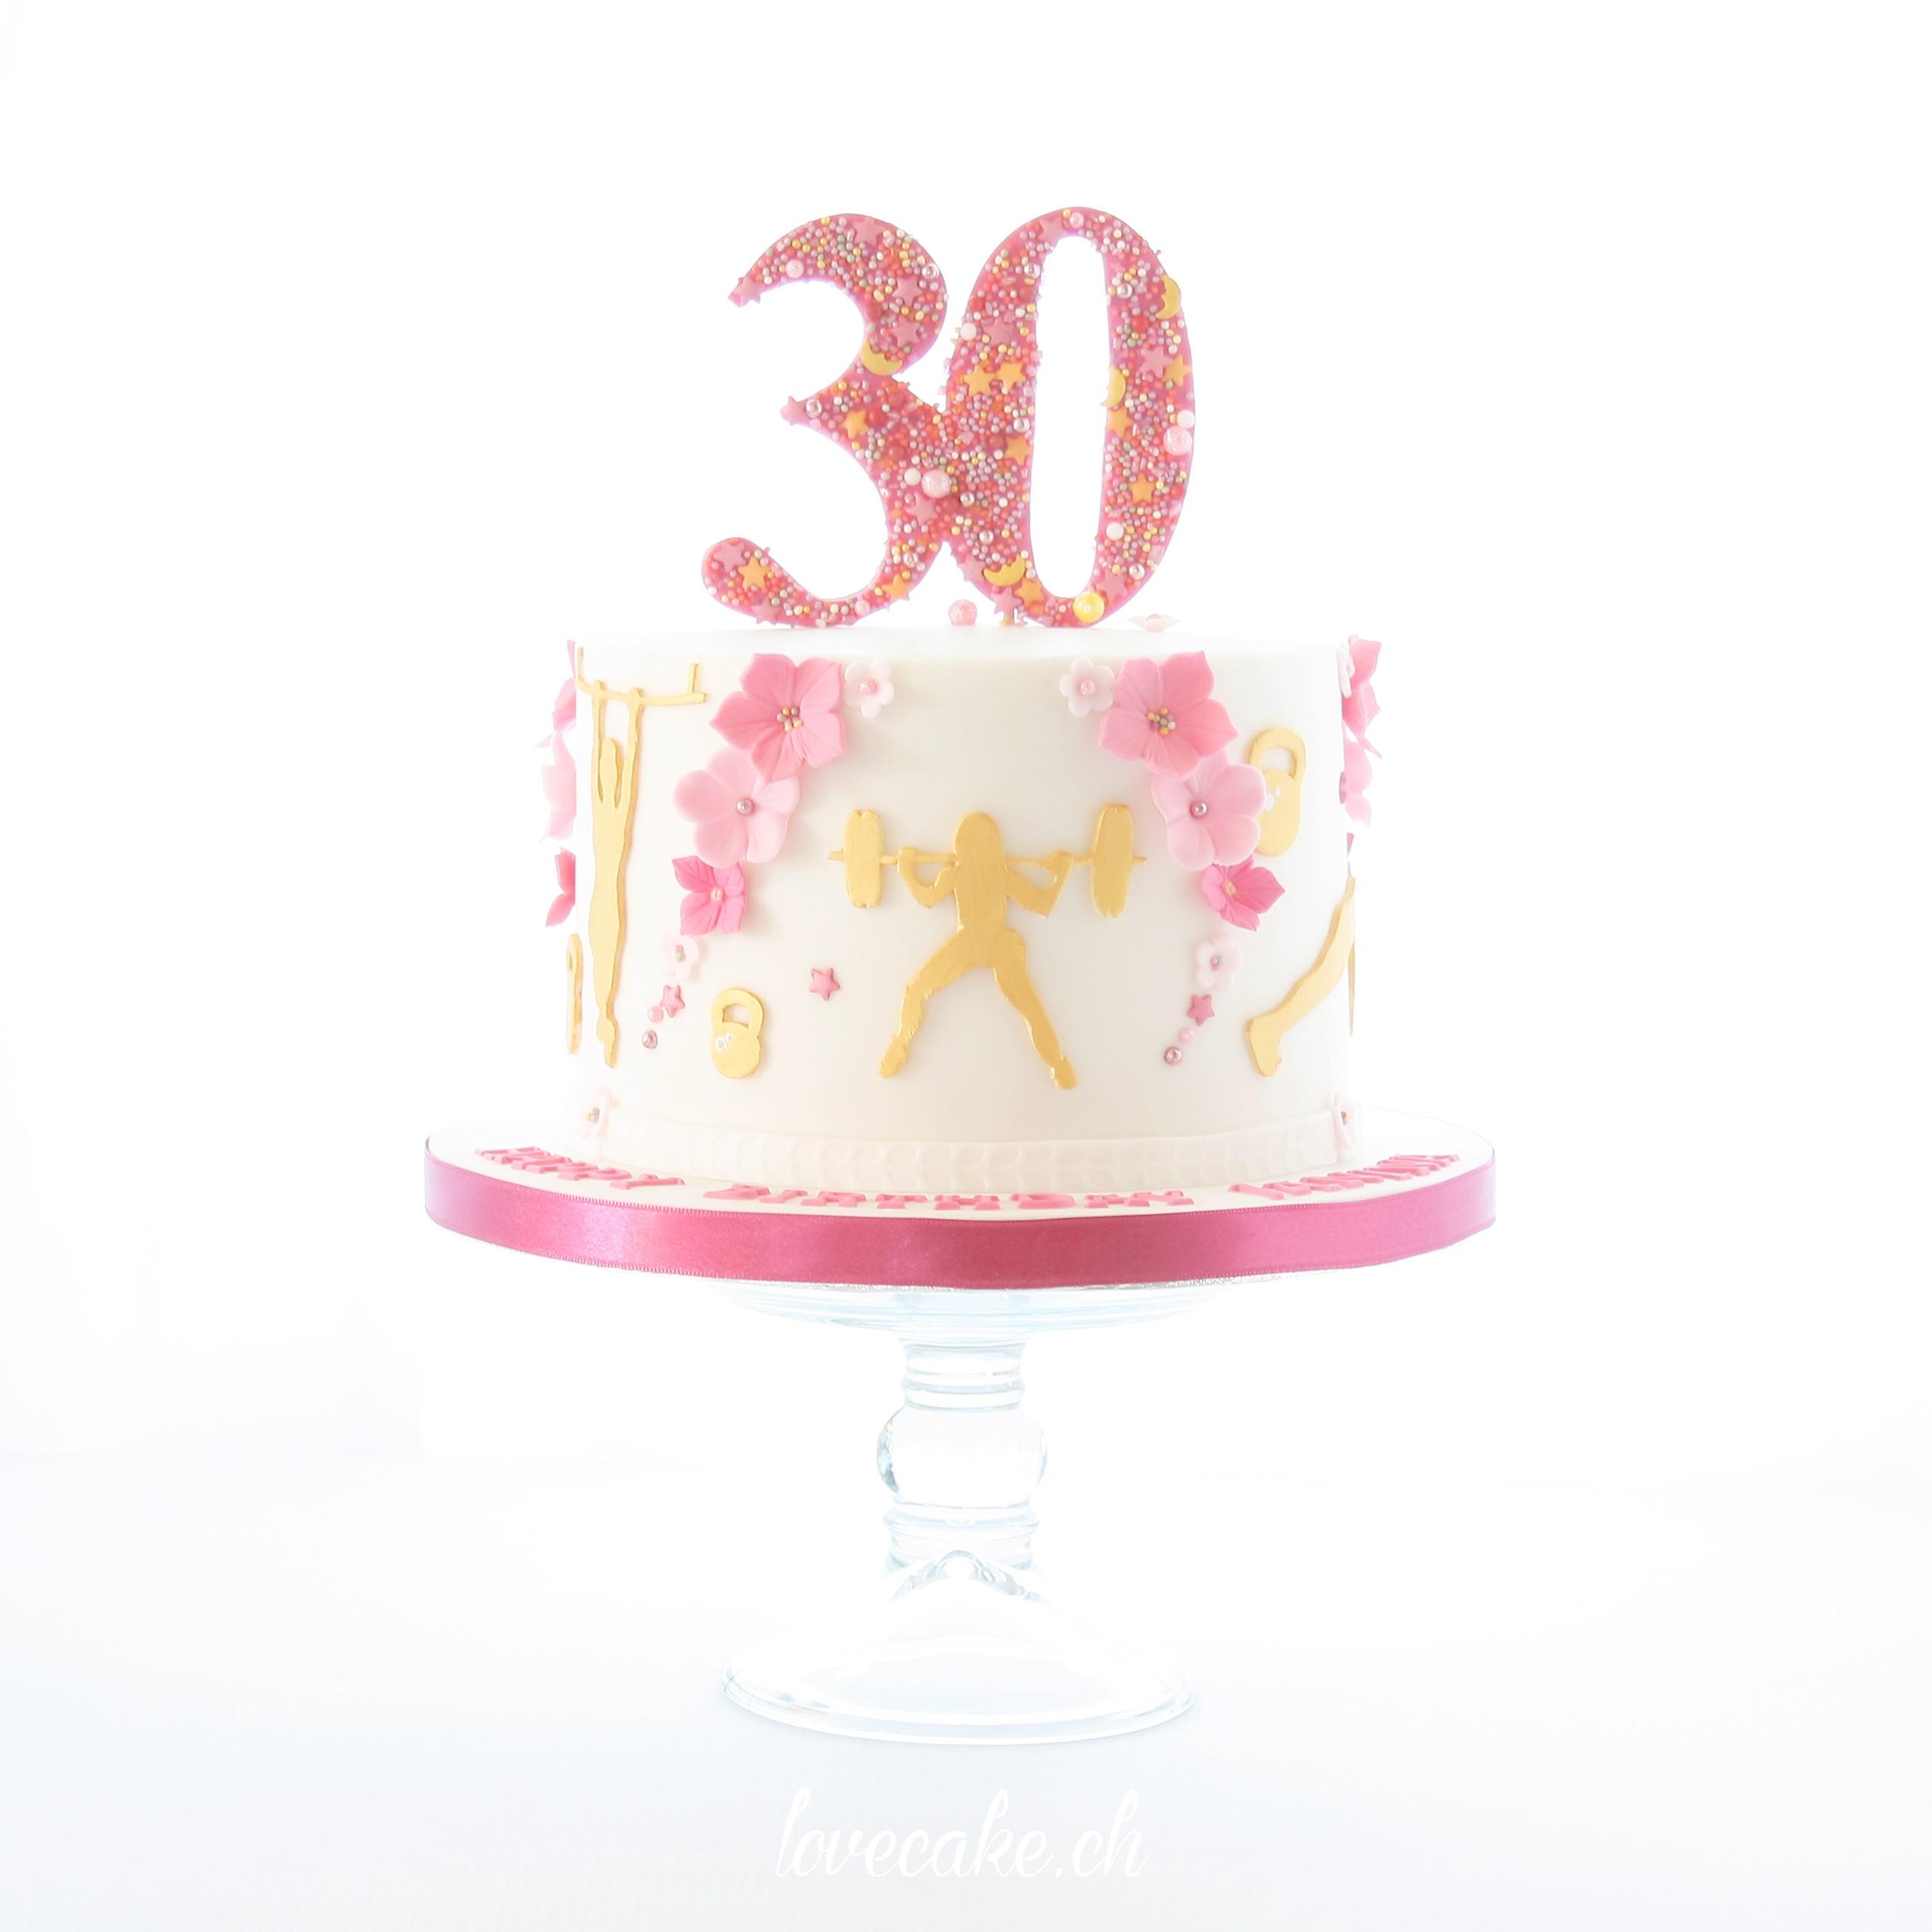 Mini white and pink birthday cake